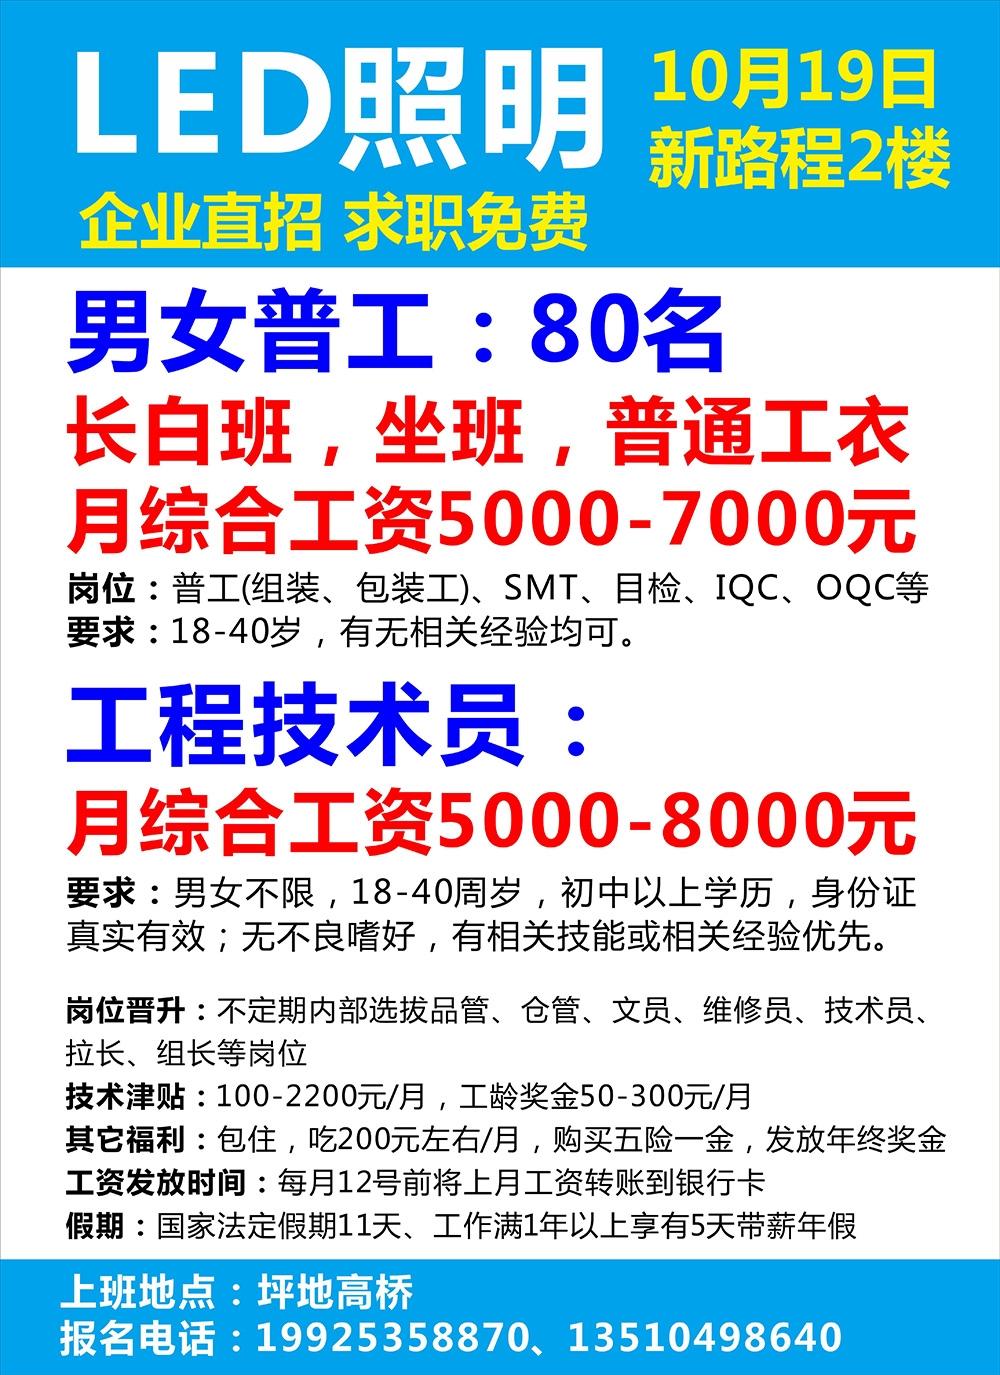 5000-7000 急招男女普工80名,长白班|高端LED照明厂